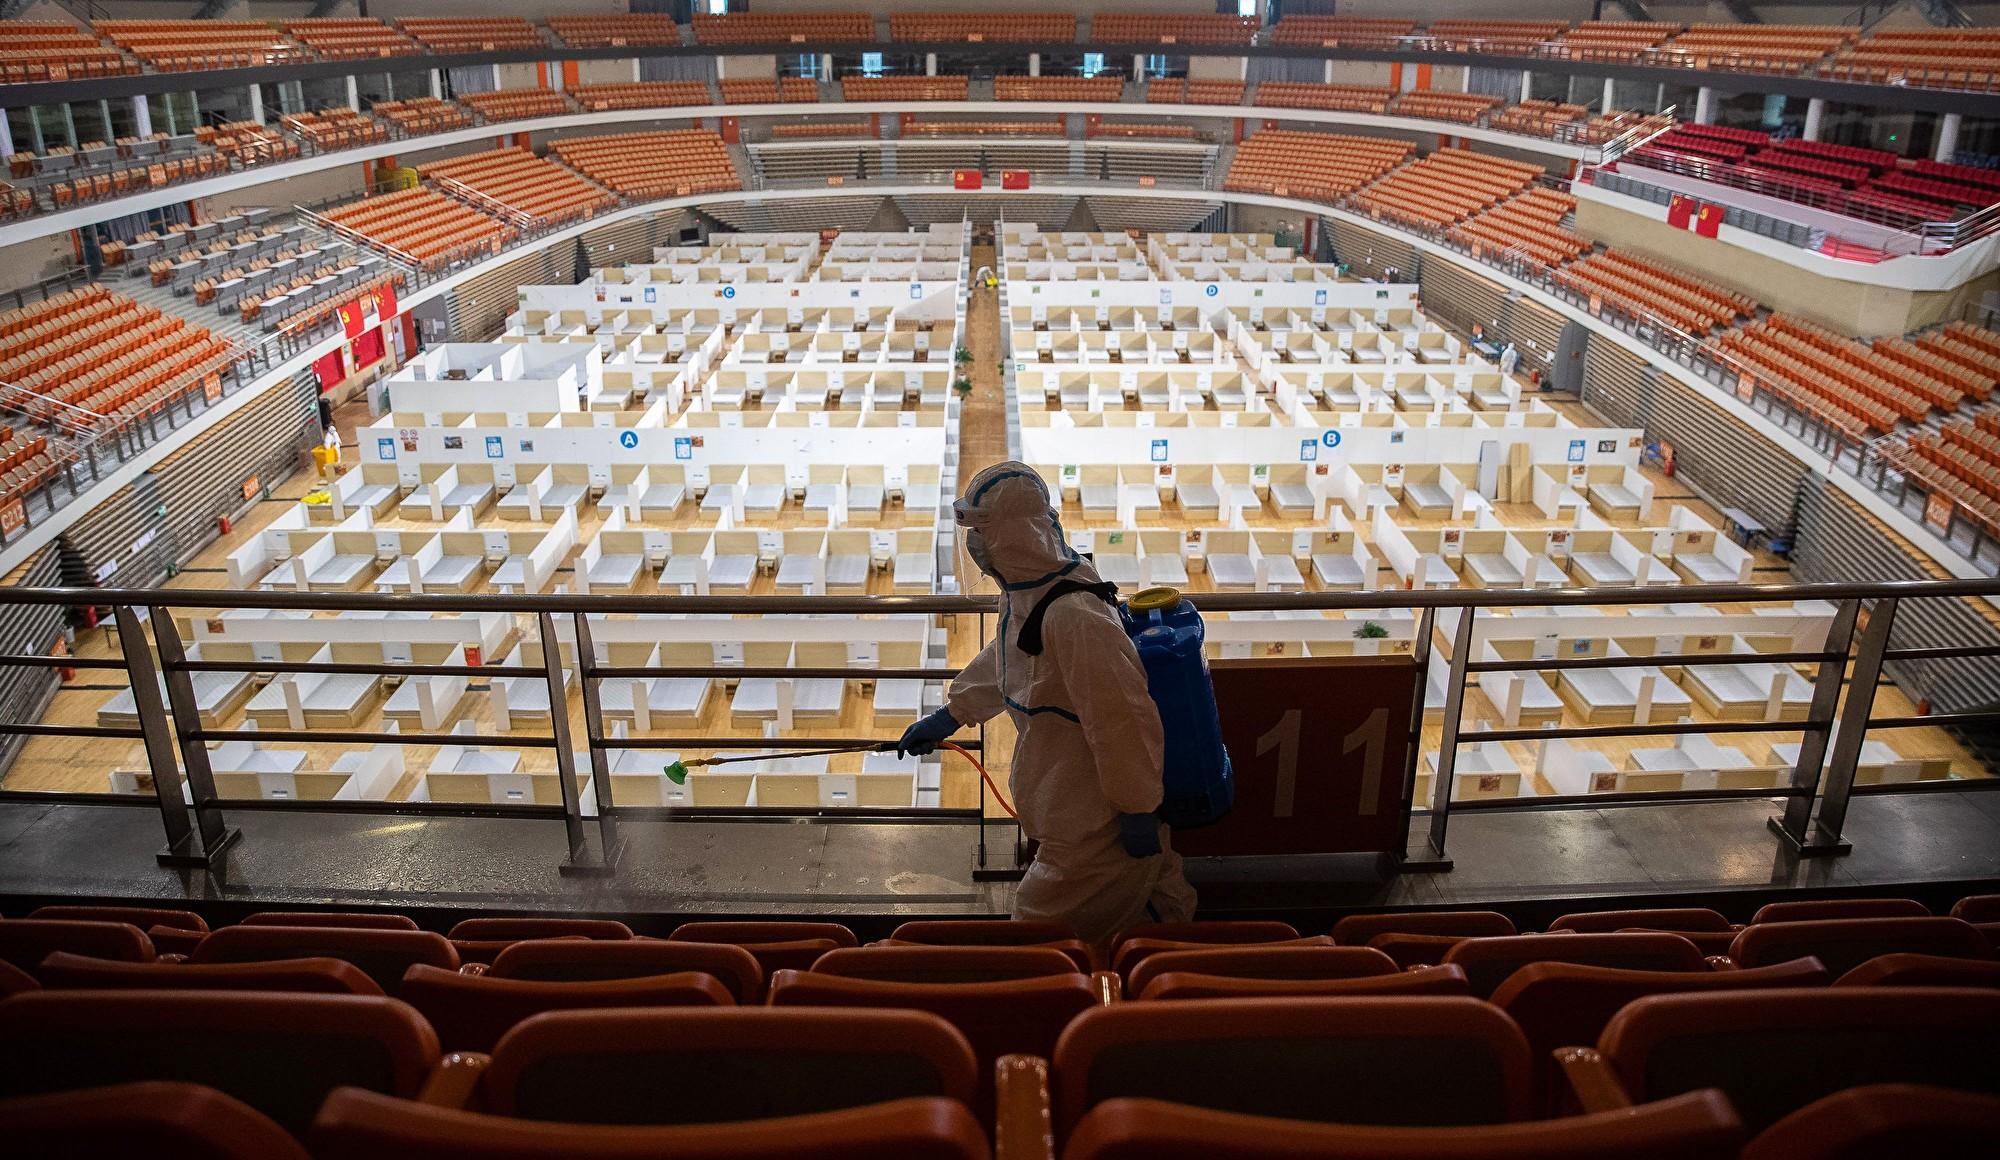 圖為2020年3月8日在武漢體育館改造的方艙醫院裏,一名工作人員噴灑消毒劑。(AFP/Getty Images)